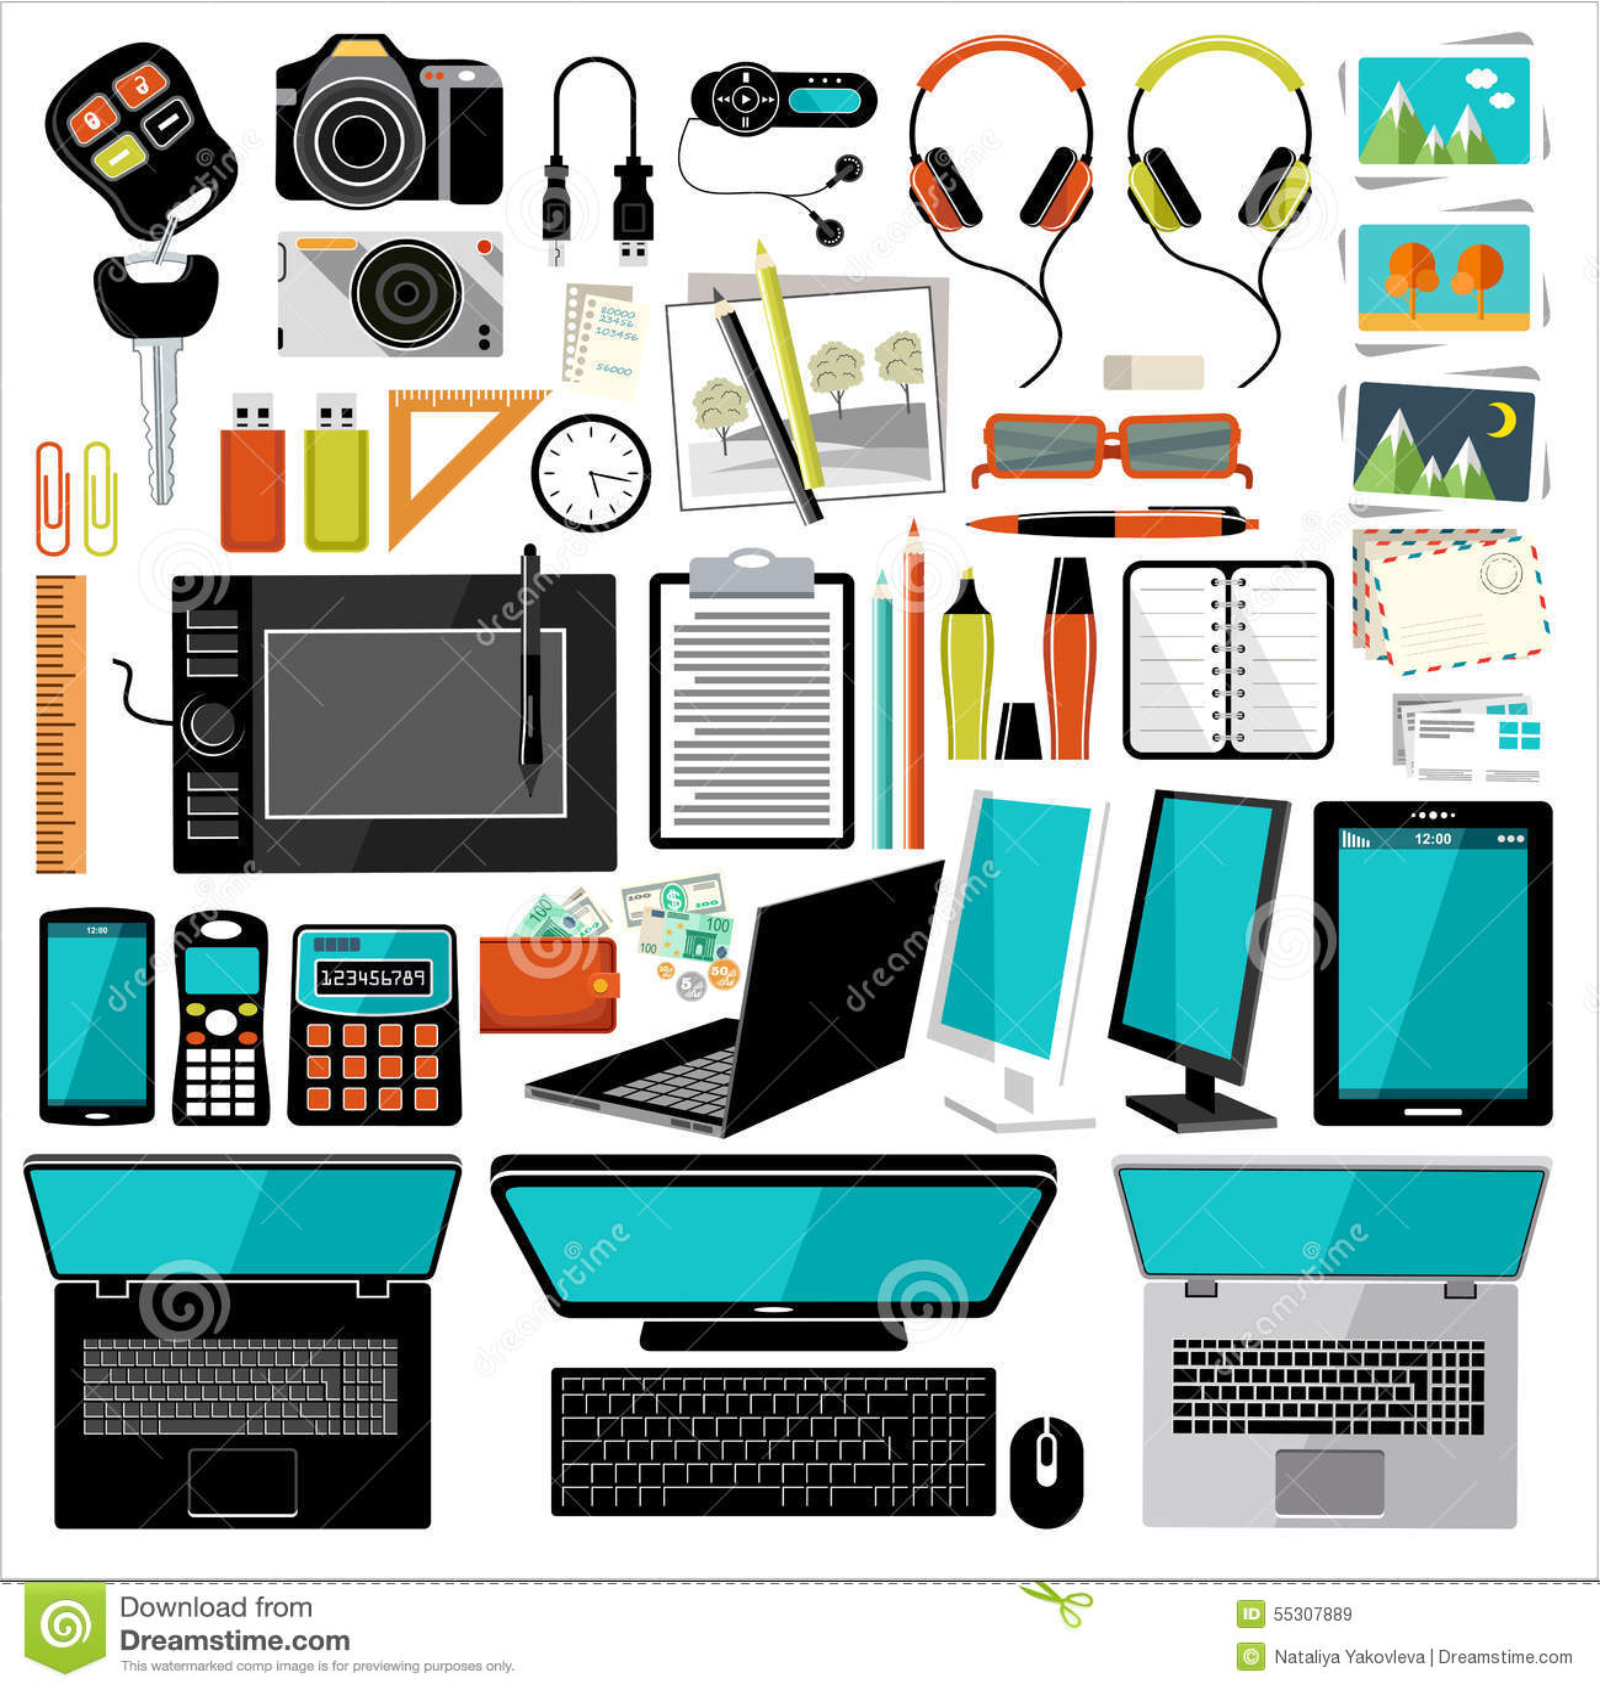 Art culos y accesorios de la oficina ilustraci n del for Accesorios decorativos para oficina